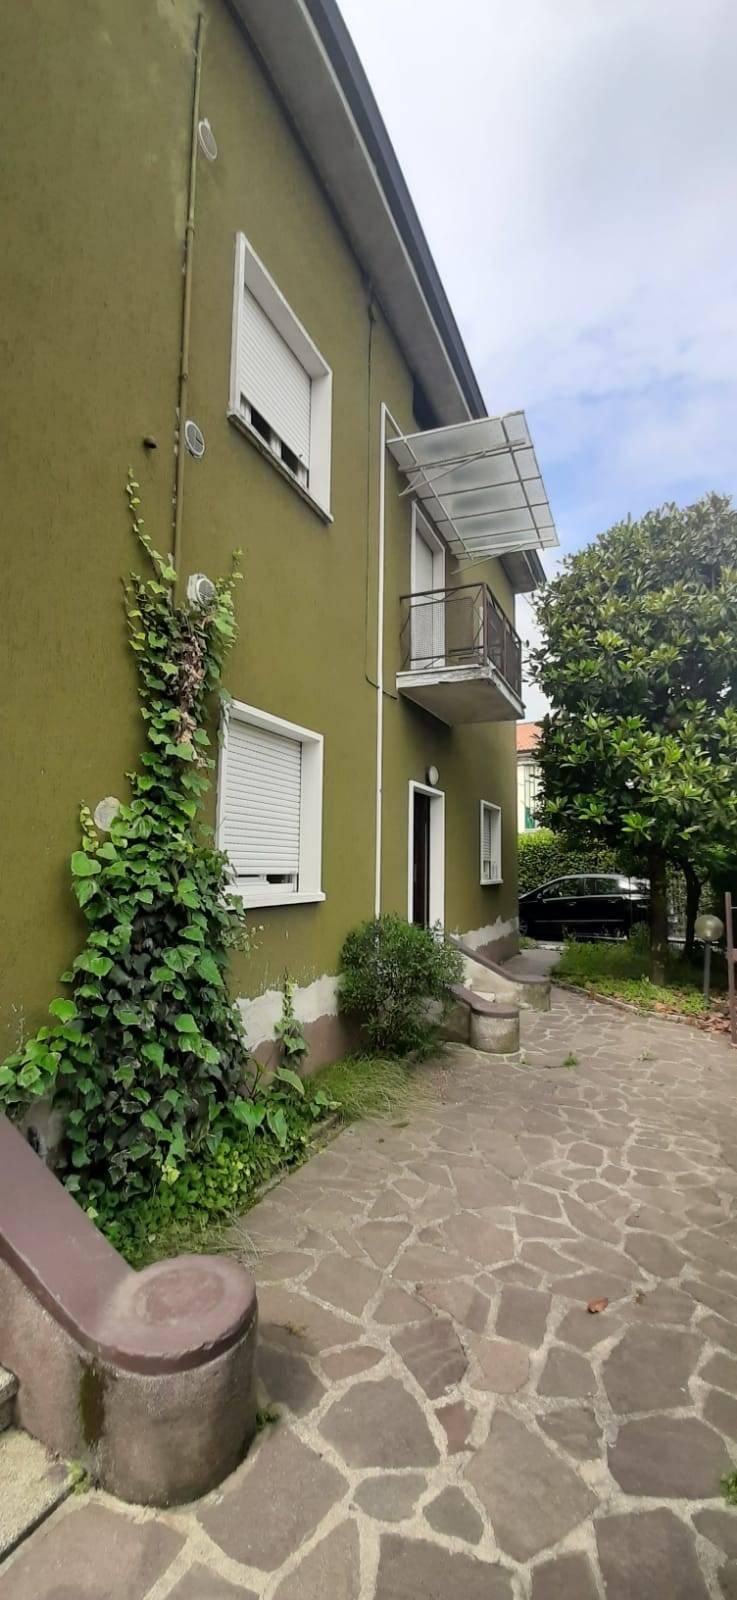 Villa in vendita a Verdello, 6 locali, prezzo € 195.000 | PortaleAgenzieImmobiliari.it